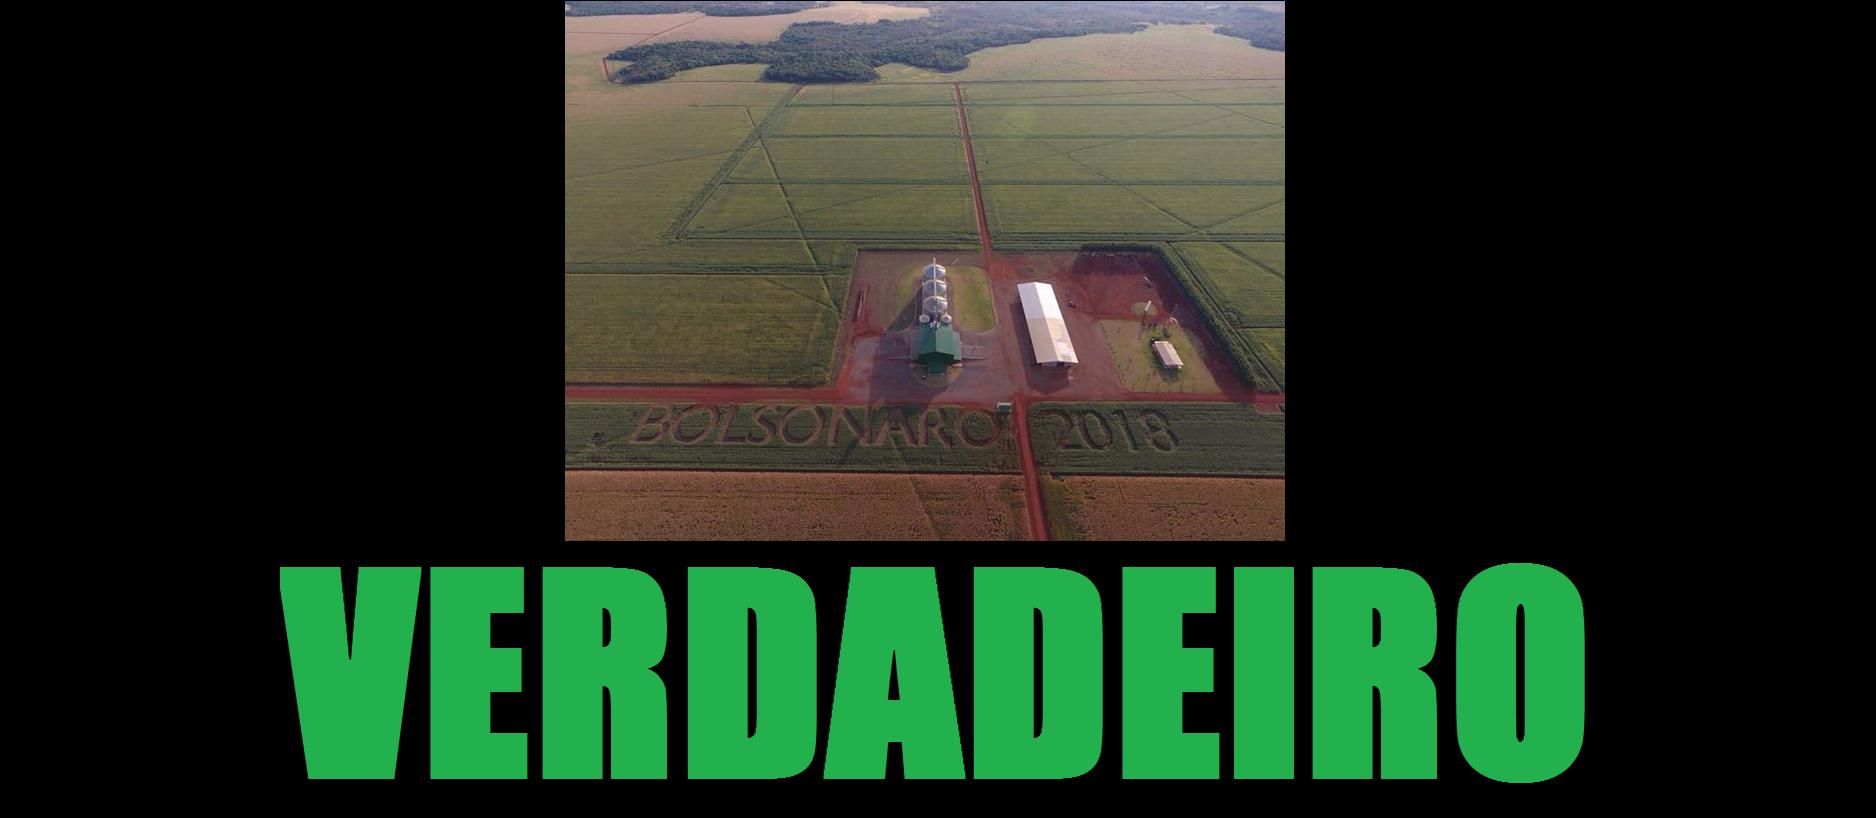 Plantação em Sidrolândia com inscrições de apoio à candidatura de Jair Bolsonaro, postado originalmente em 15 de julho de 2018